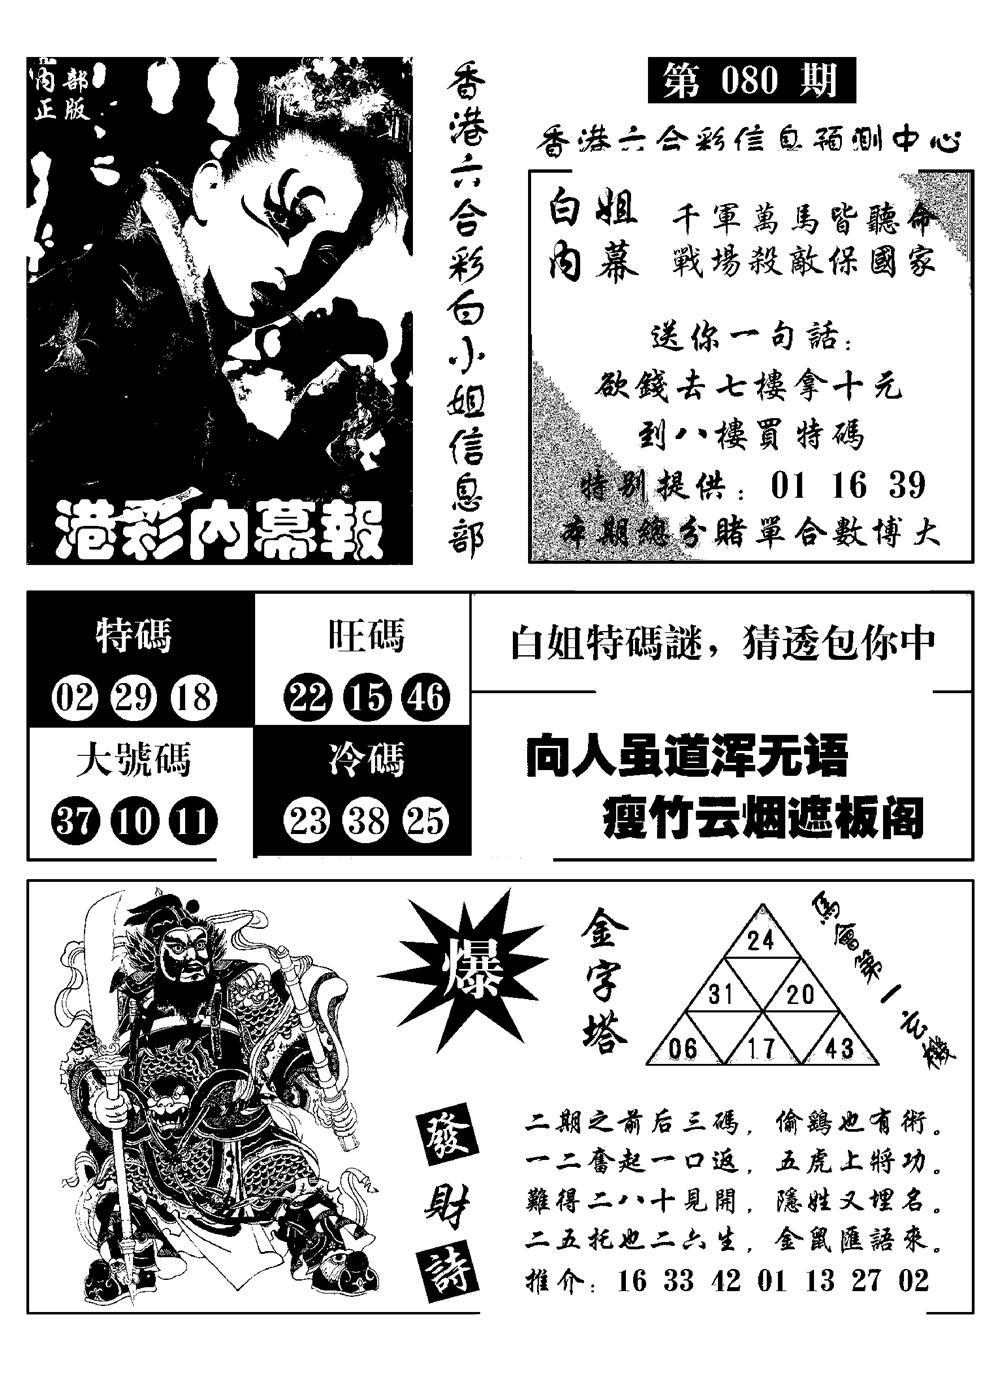 080期港彩内幕报(黑白)